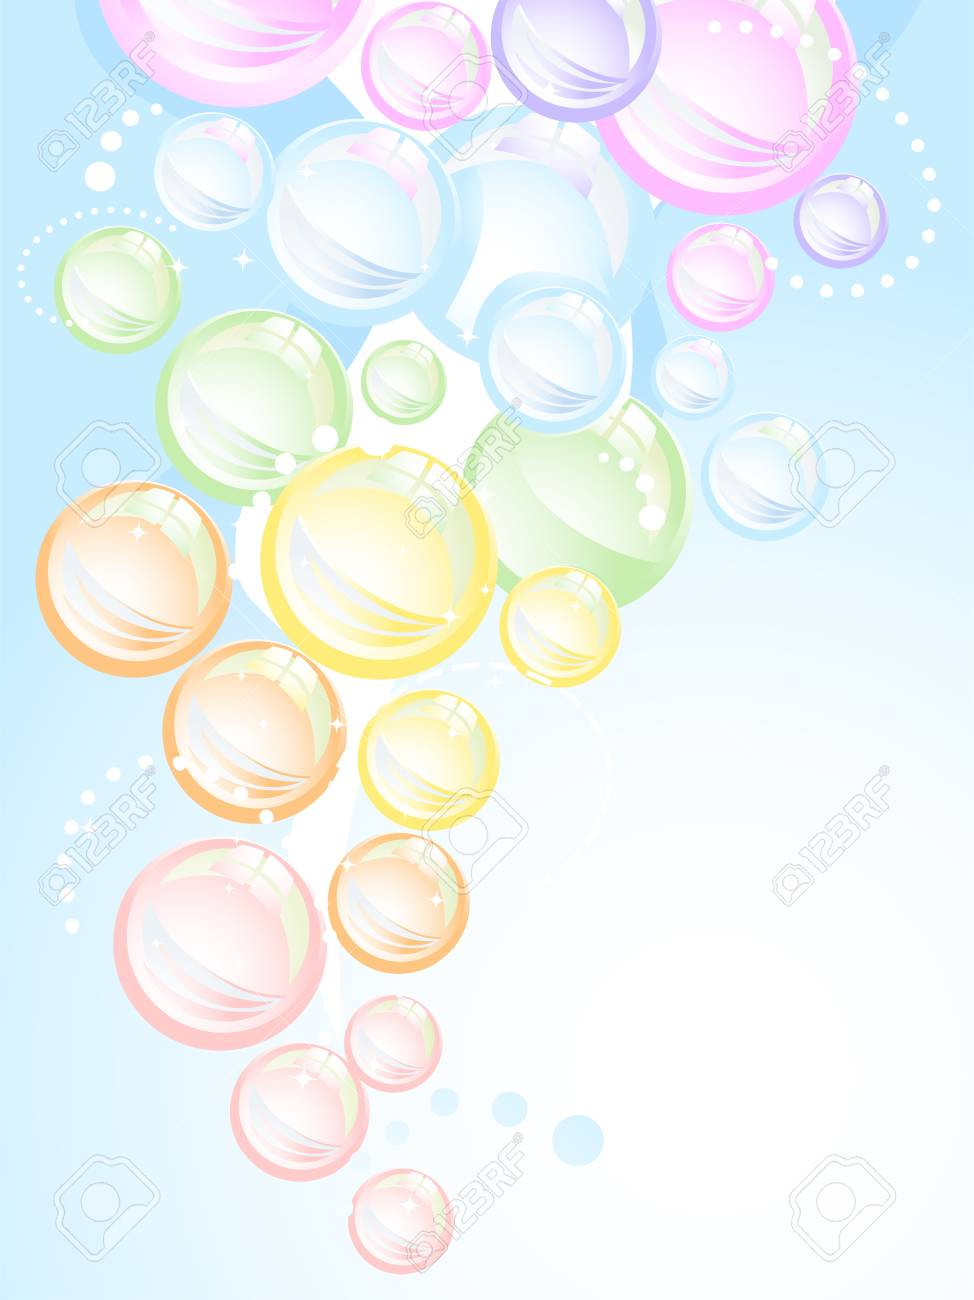 カラフルな虹の泡の背景のイラスト の写真素材画像素材 Image 17430200